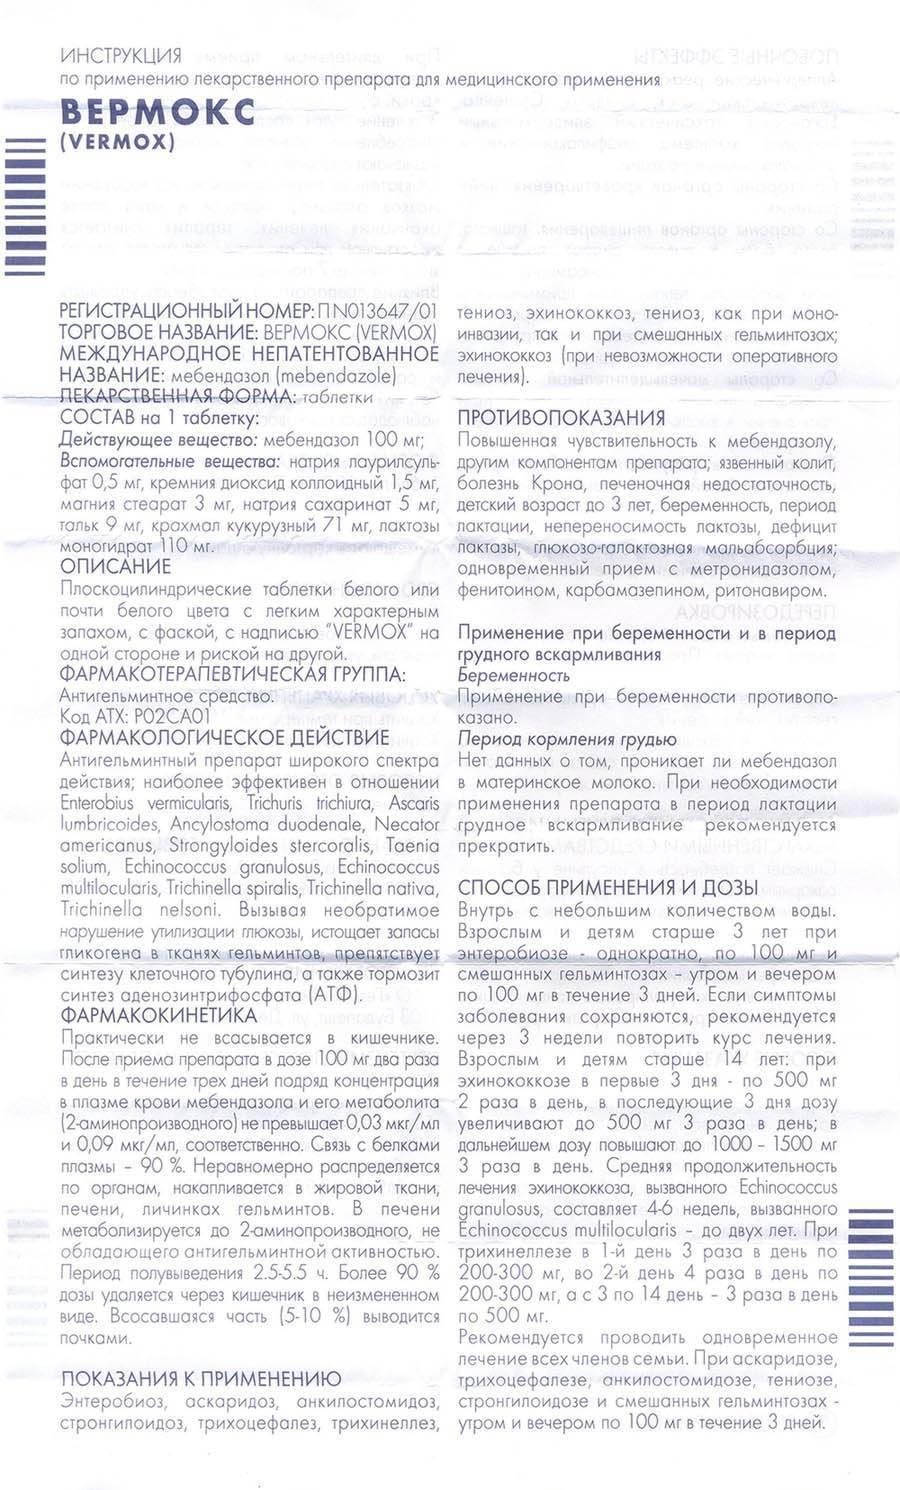 """""""пирантел"""": инструкция по применению суспензии и таблеток для детей, аналоги для профилактики и лечения глистов"""